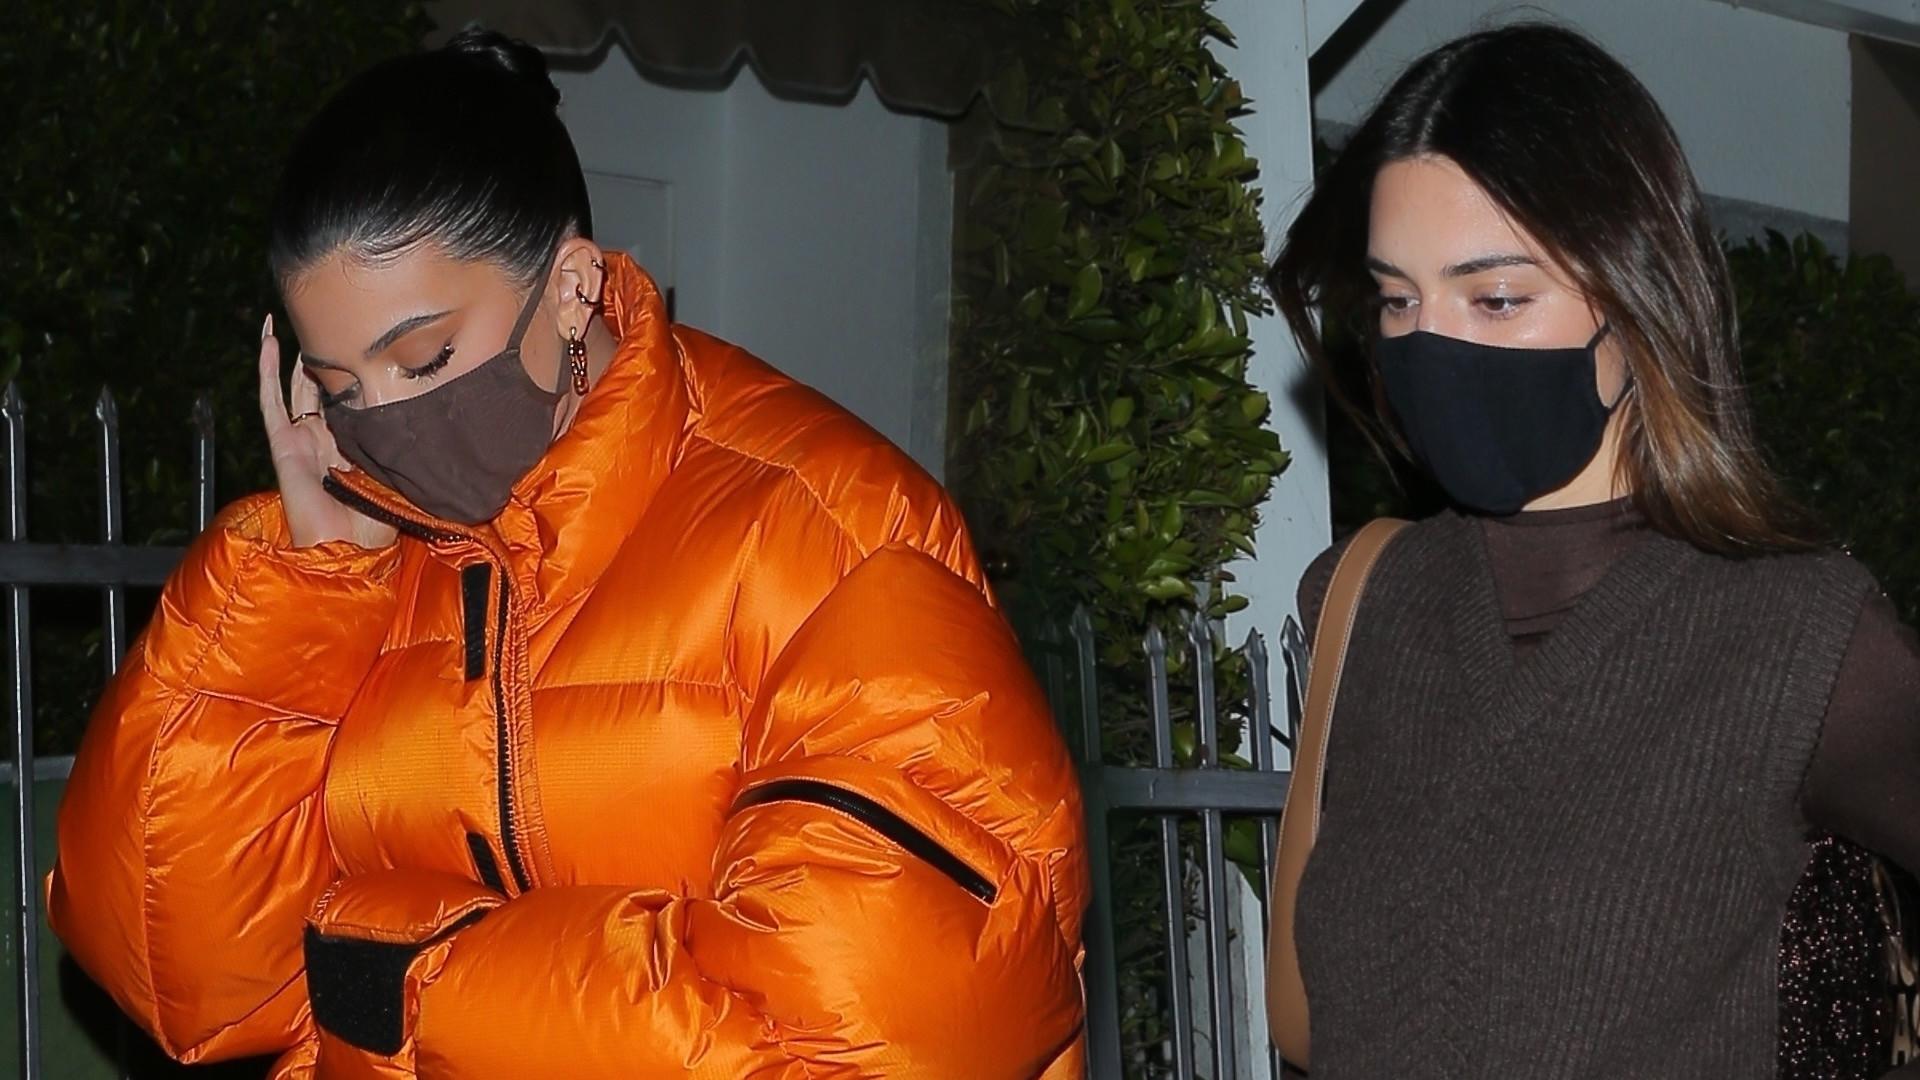 Kendall i Kylie Jenner na kolacji. Spodnie celebrytki to modowy koszmarek? (ZDJĘCIA)